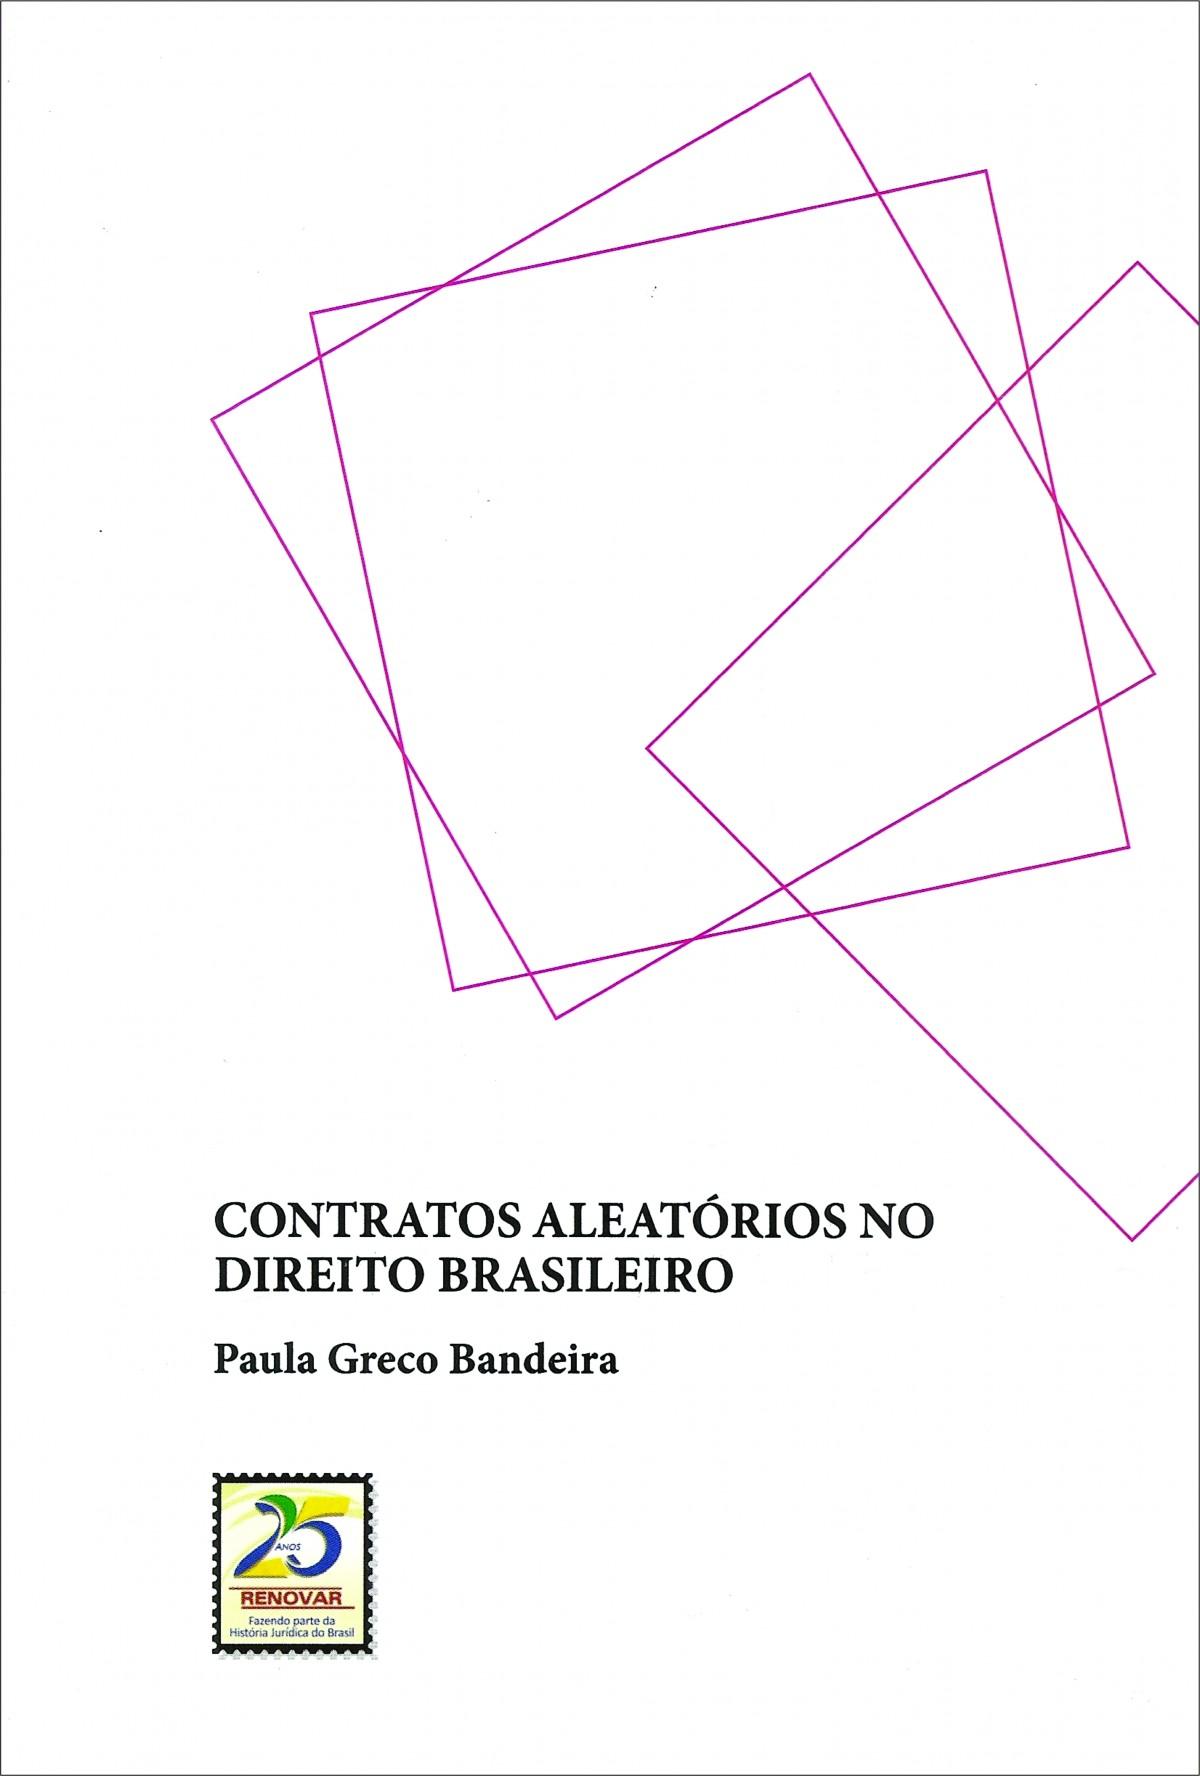 Foto 1 - Contratos Aleatórios no Direito Brasileiro